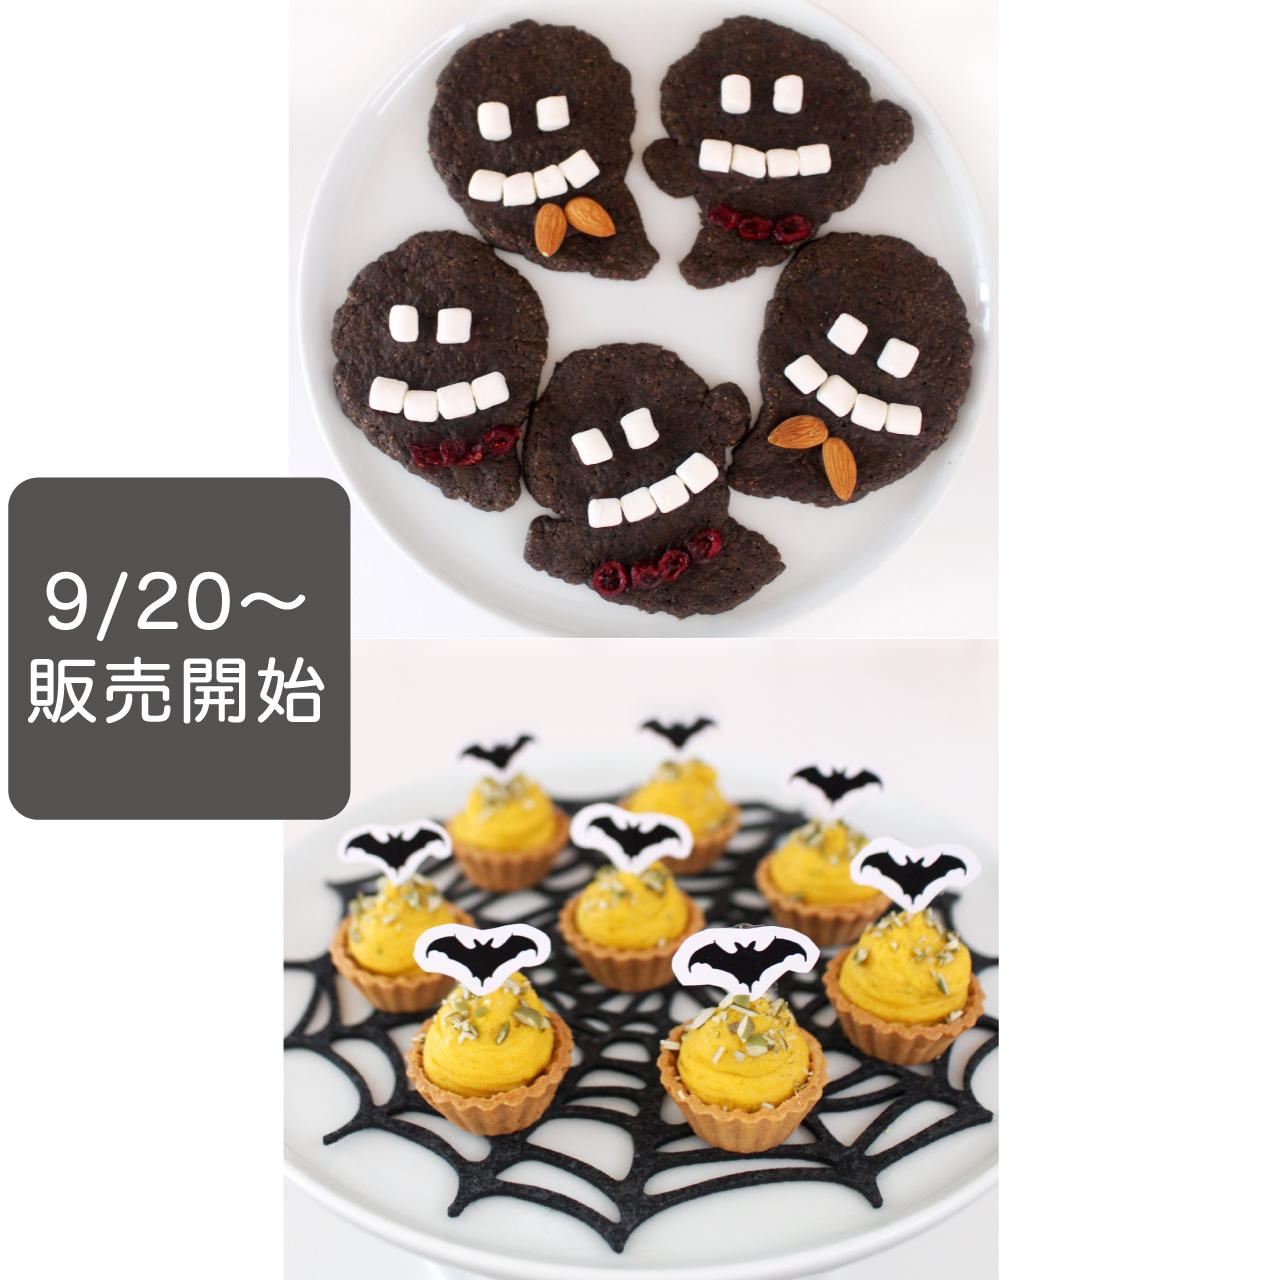 【単月購入】お菓子レッスンキット/10月メニュー